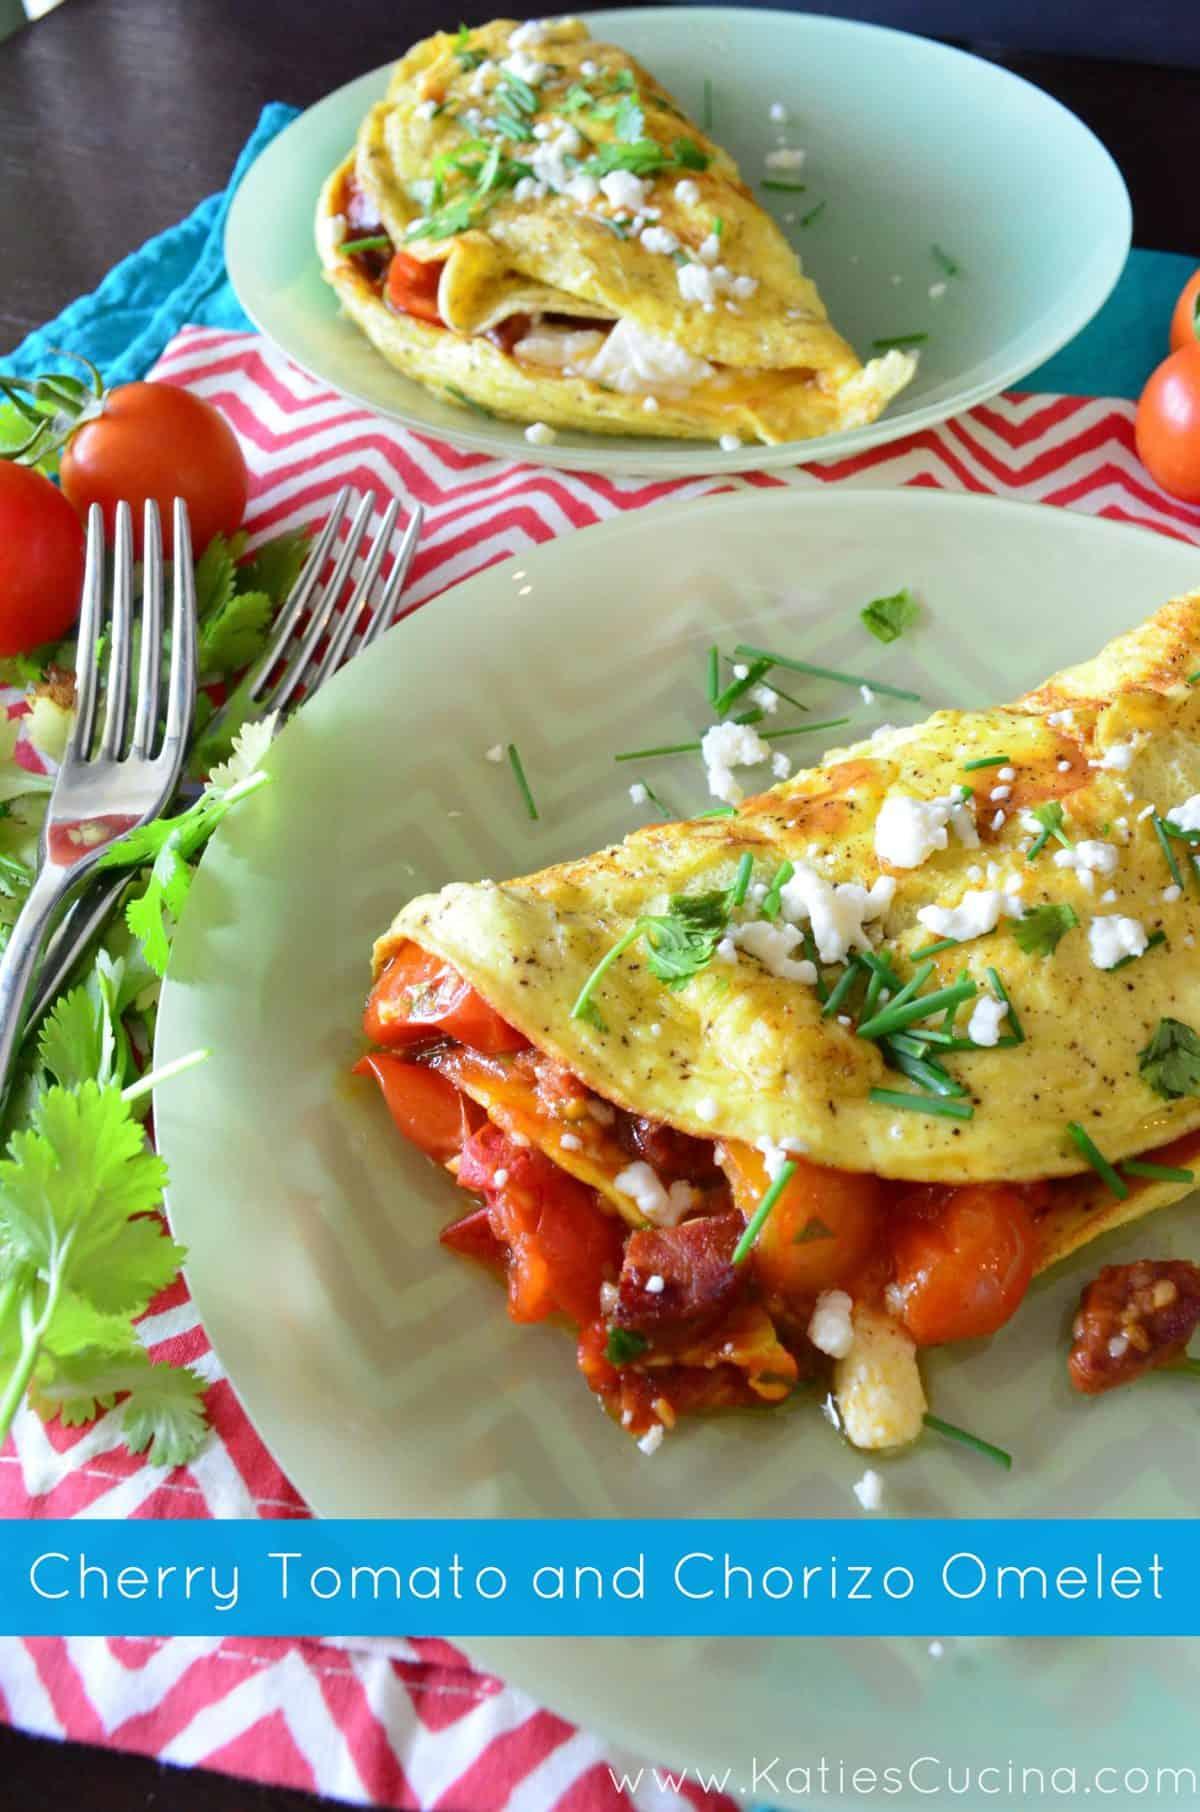 Cherry Tomato and Chorizo Omelet via KatiesCucina.com